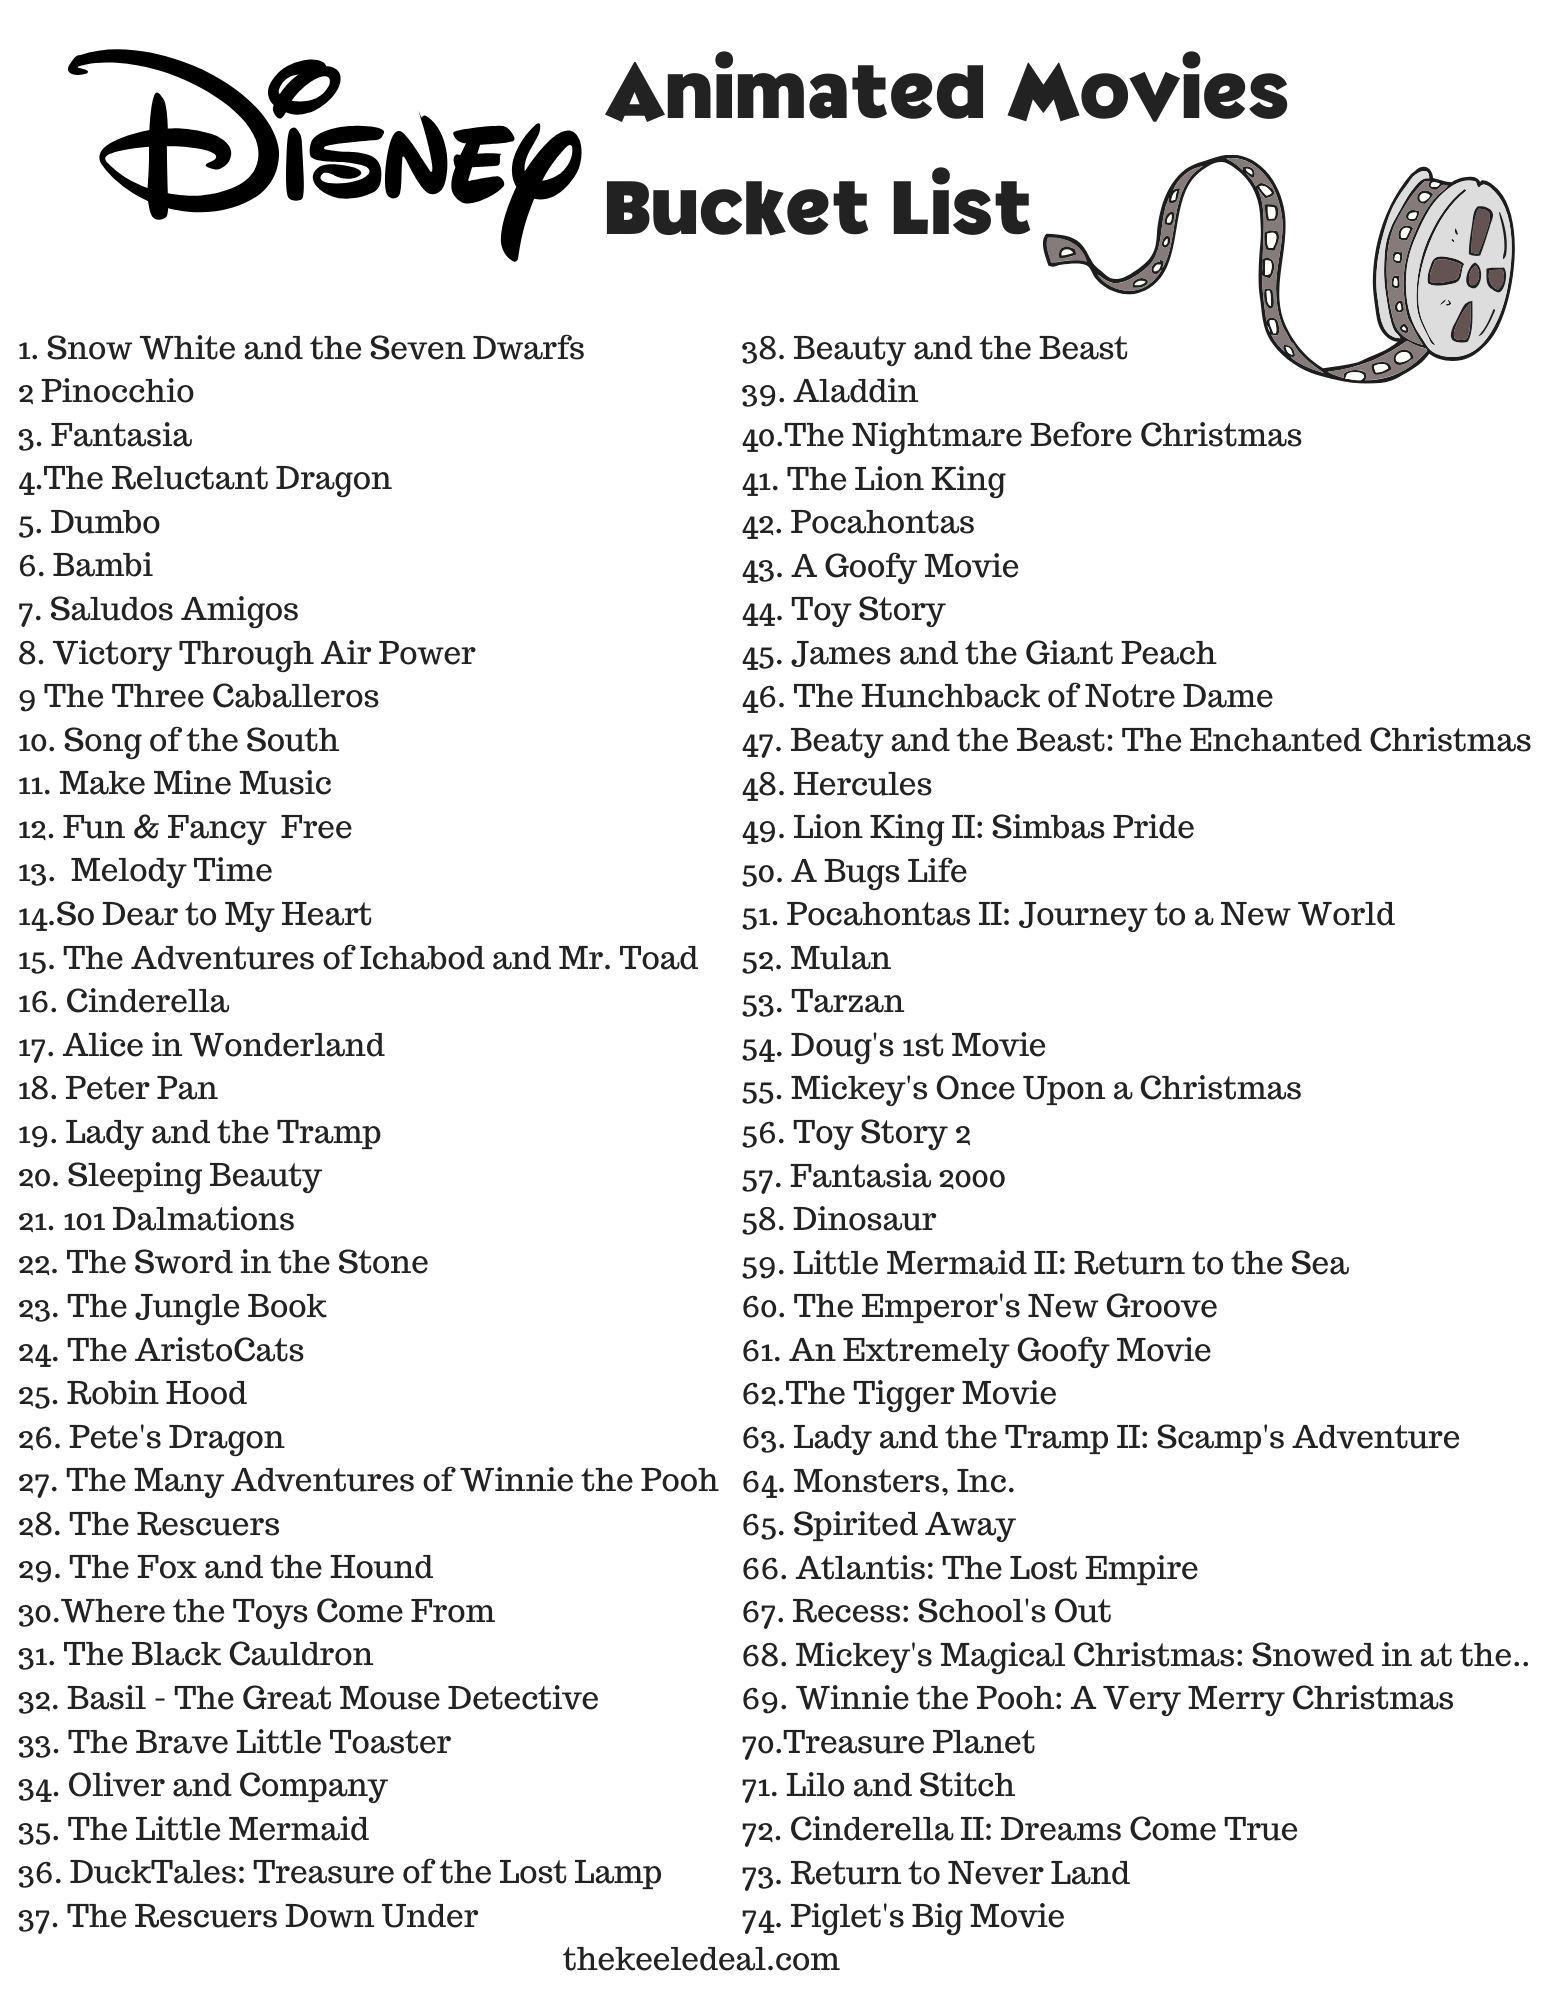 Disney Animated Movies Bucket List! {Free Printable